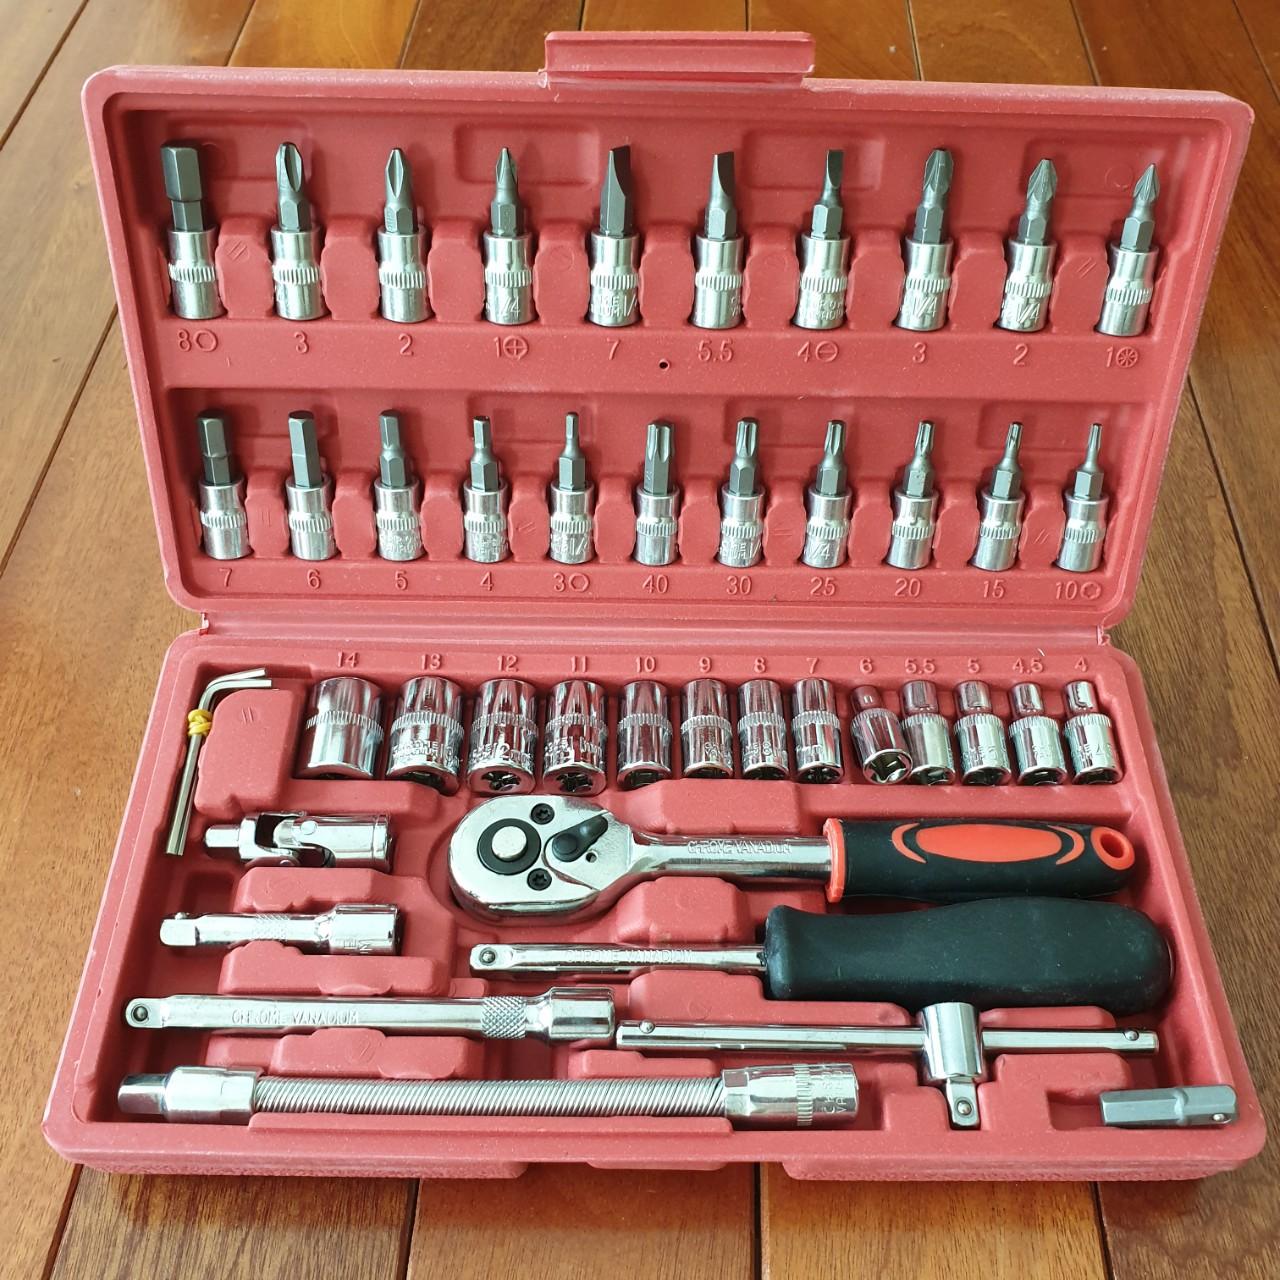 Bộ dụng cụ sửa chữa đa năng - khẩu vặn ốc vít đa năng 46 chi tiết